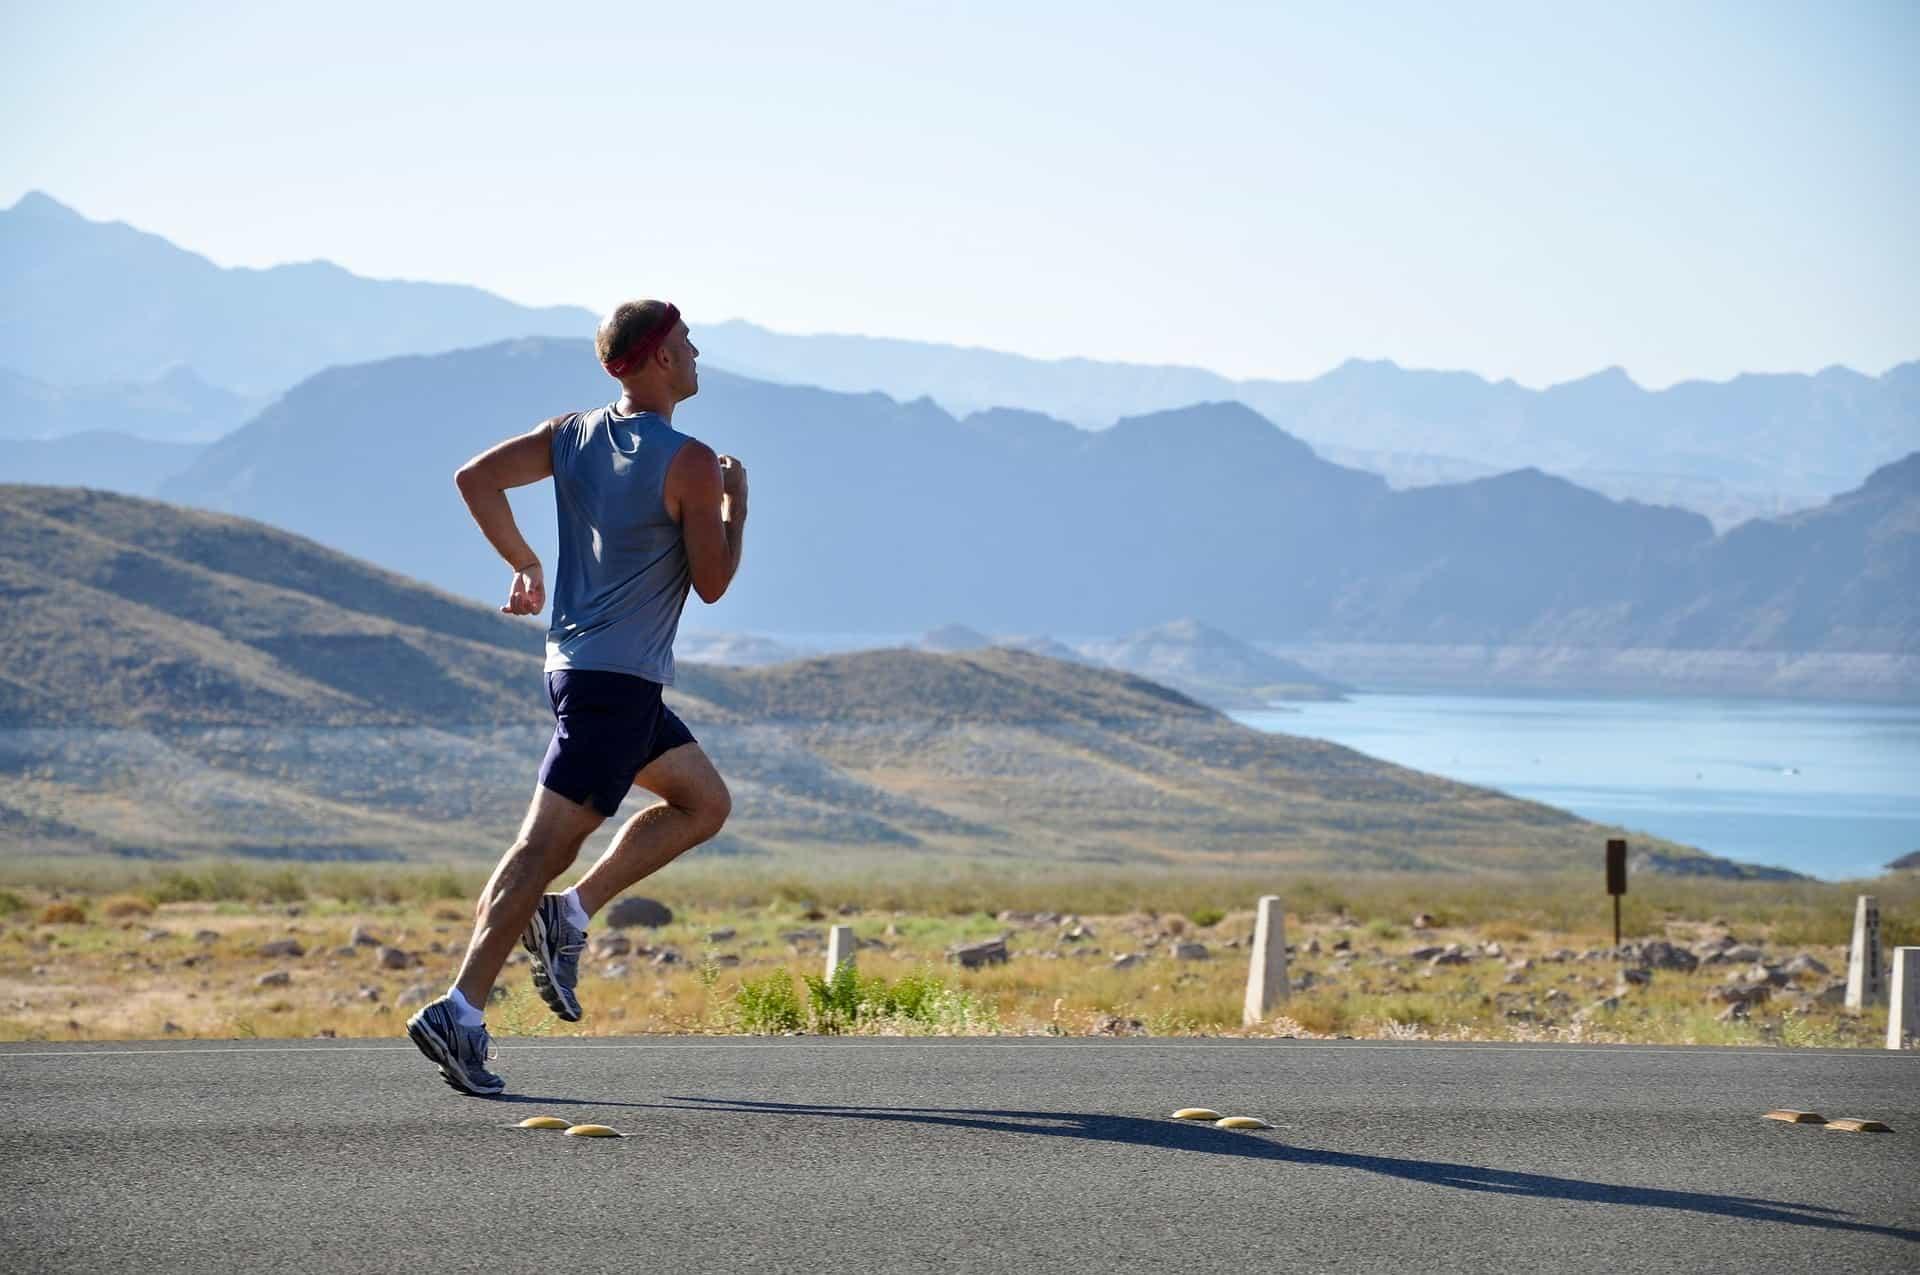 Joggen anfangen: 5 Tipps für den Trainingsstart